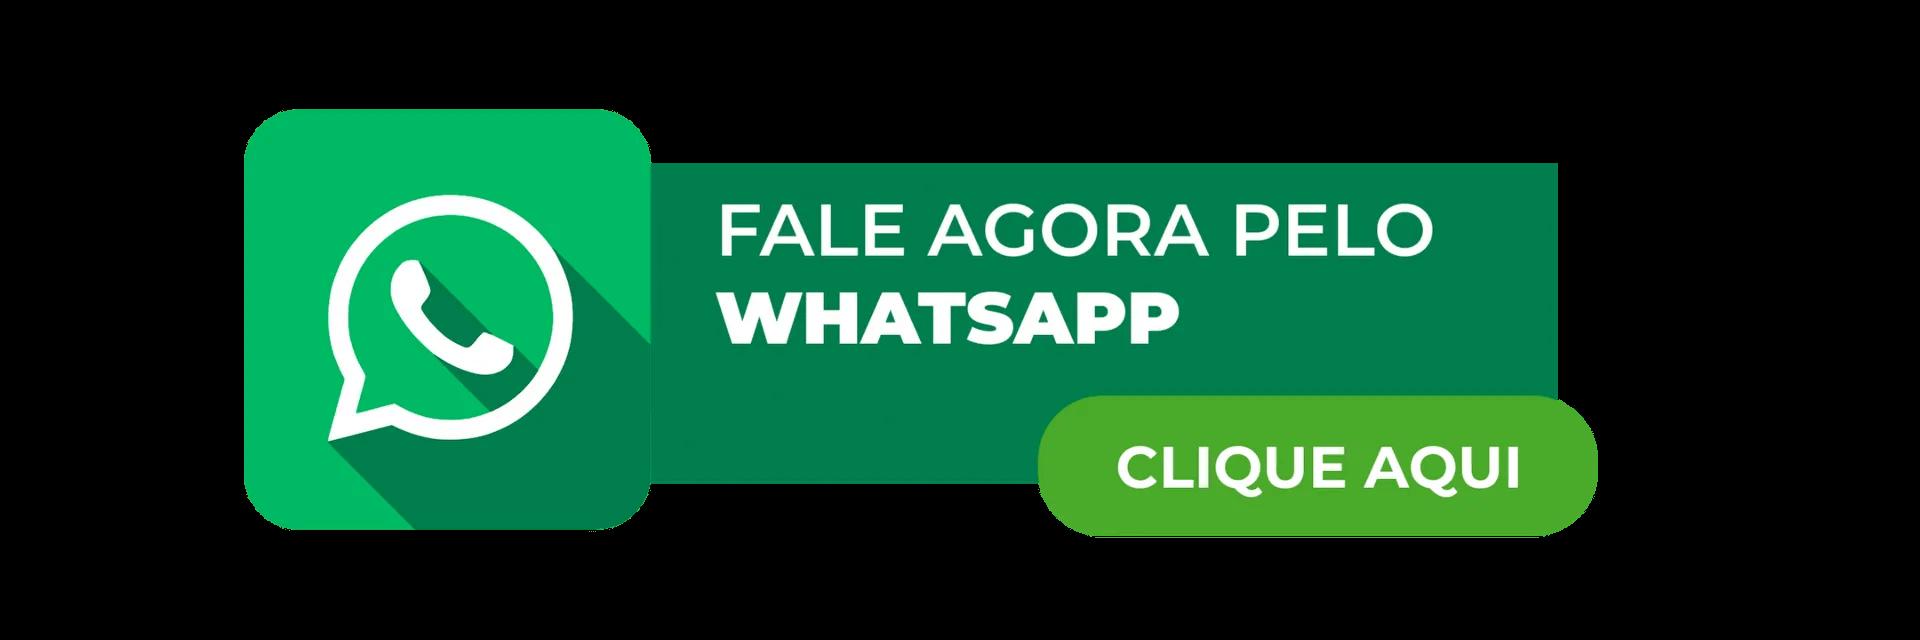 Fale agora pelo WhatsApp | Aprenda a como otimizar o WordPress